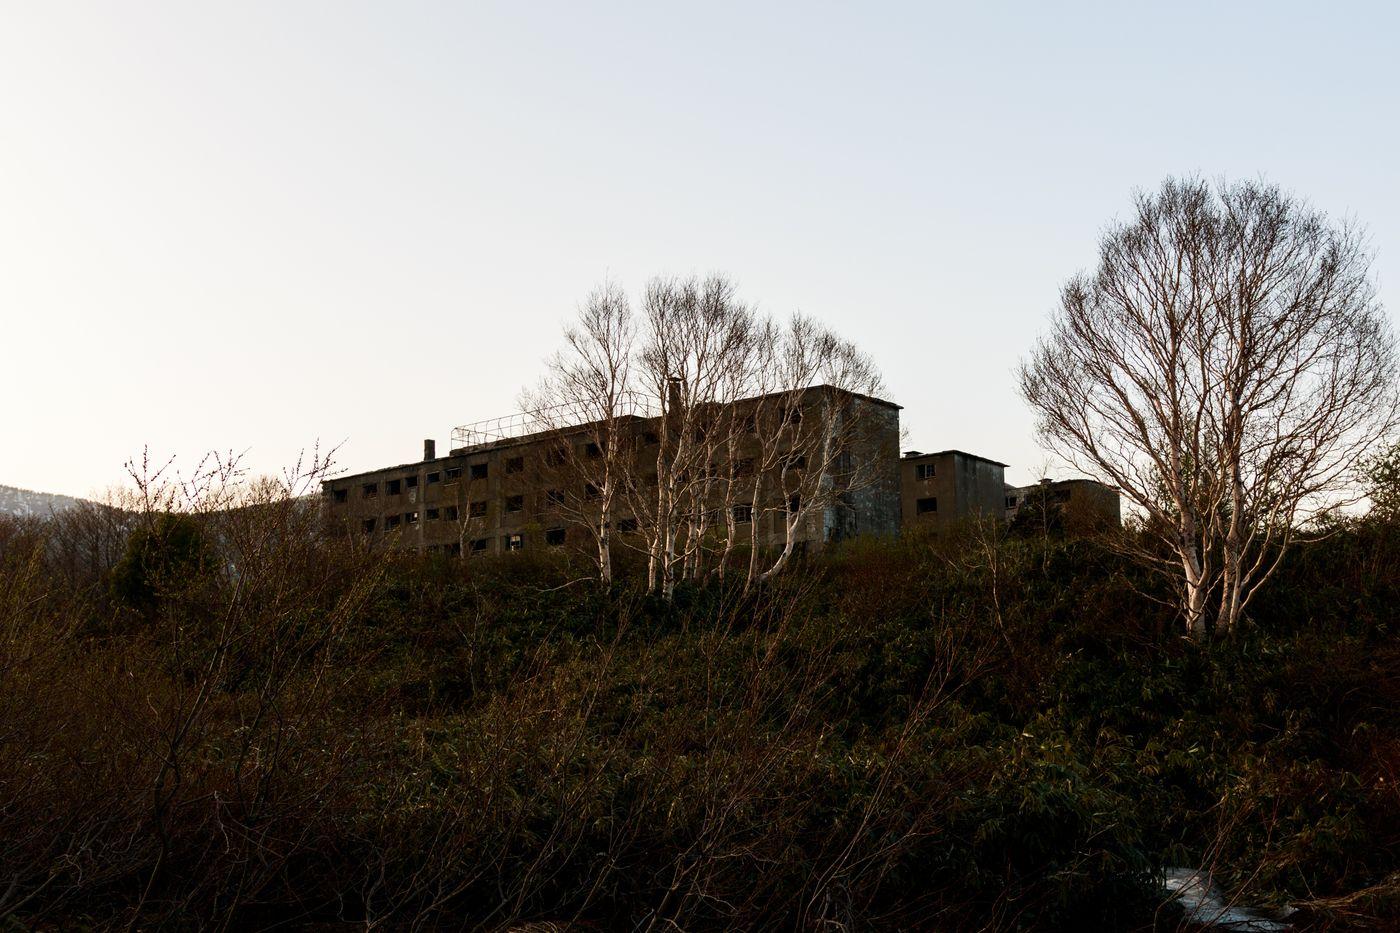 夕暮れ時の松尾鉱山廃墟の写真